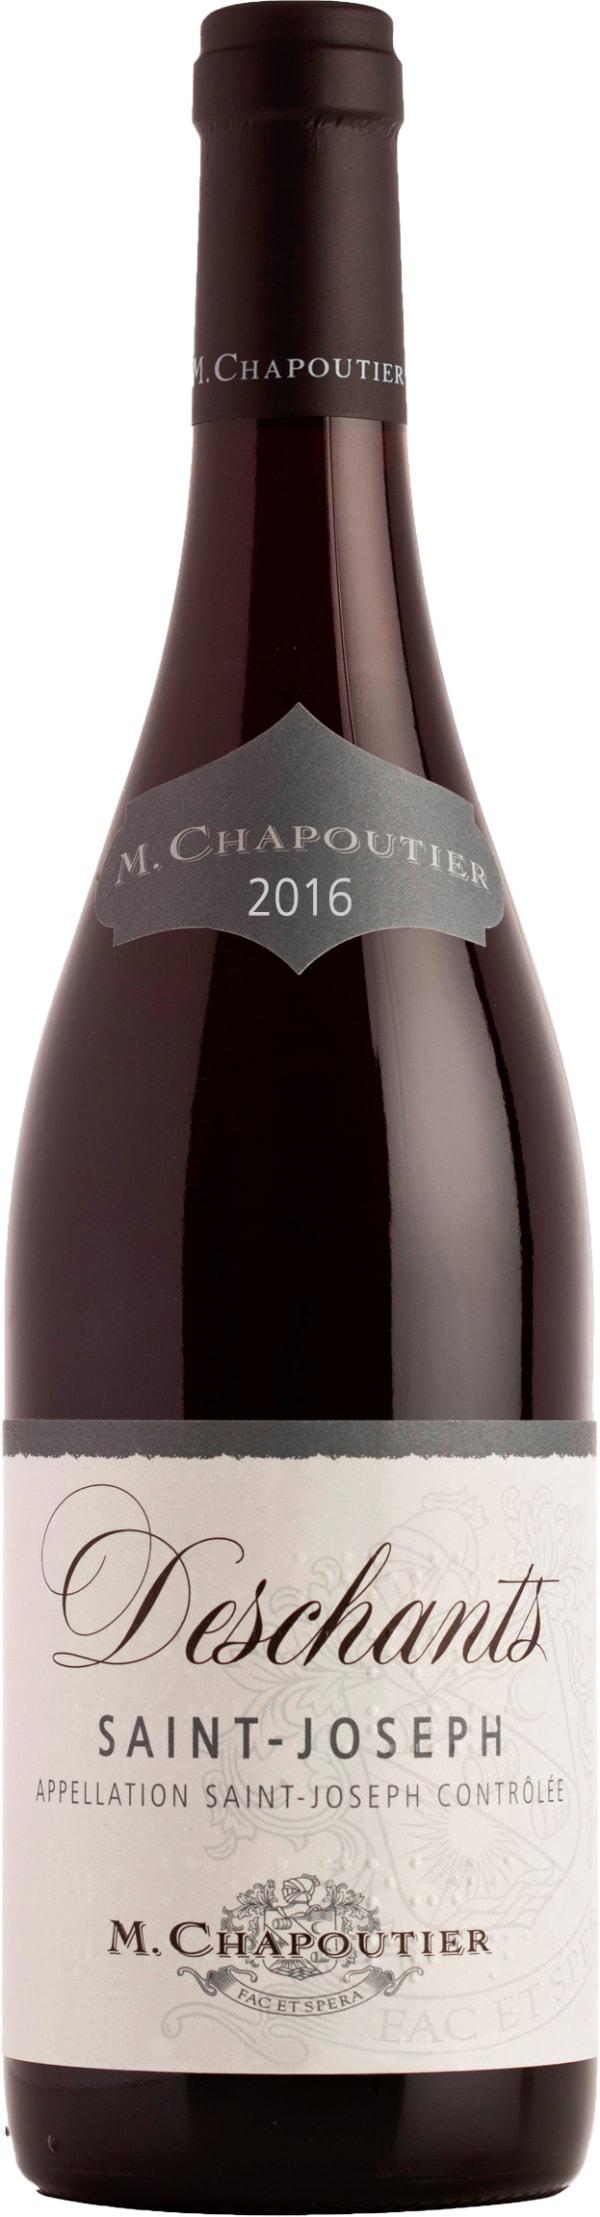 Chapoutier Deschants Saint Joseph 2016